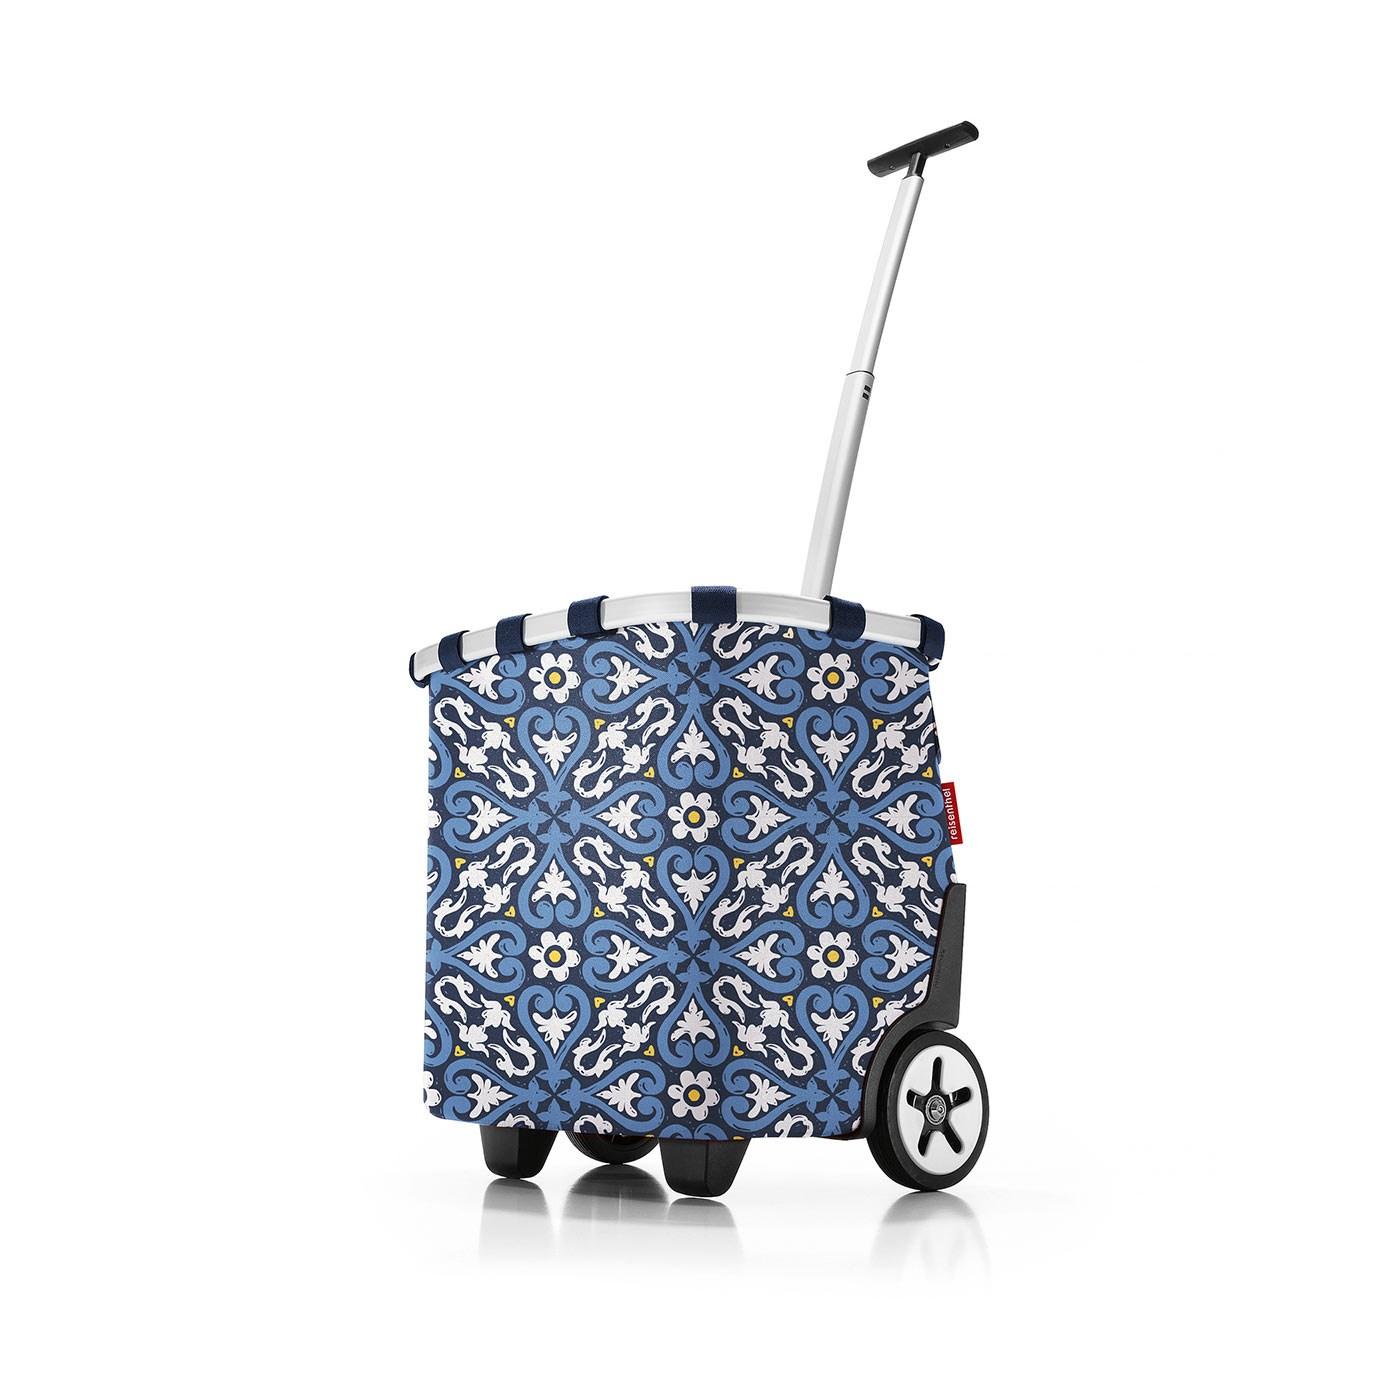 Taška na kolečkách Carrycruiser floral 1_5